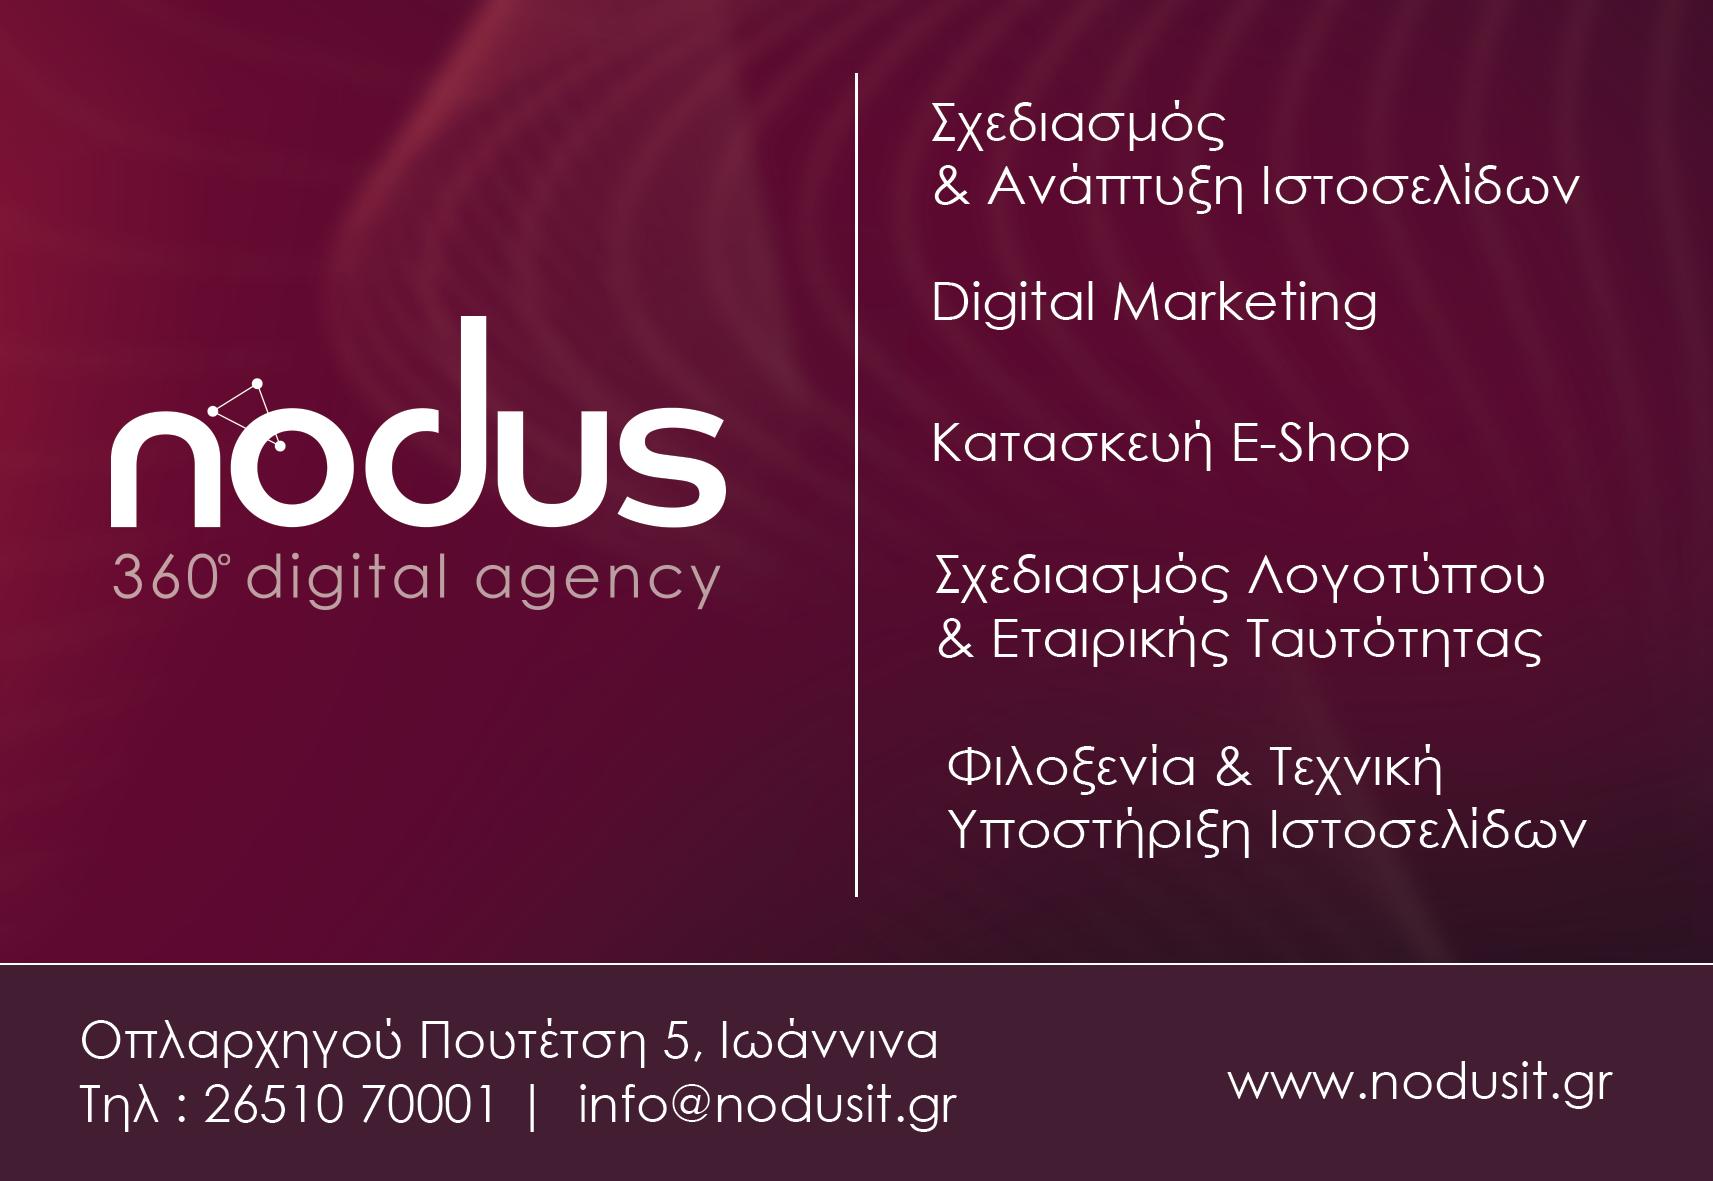 nodus-ad-eoi-1